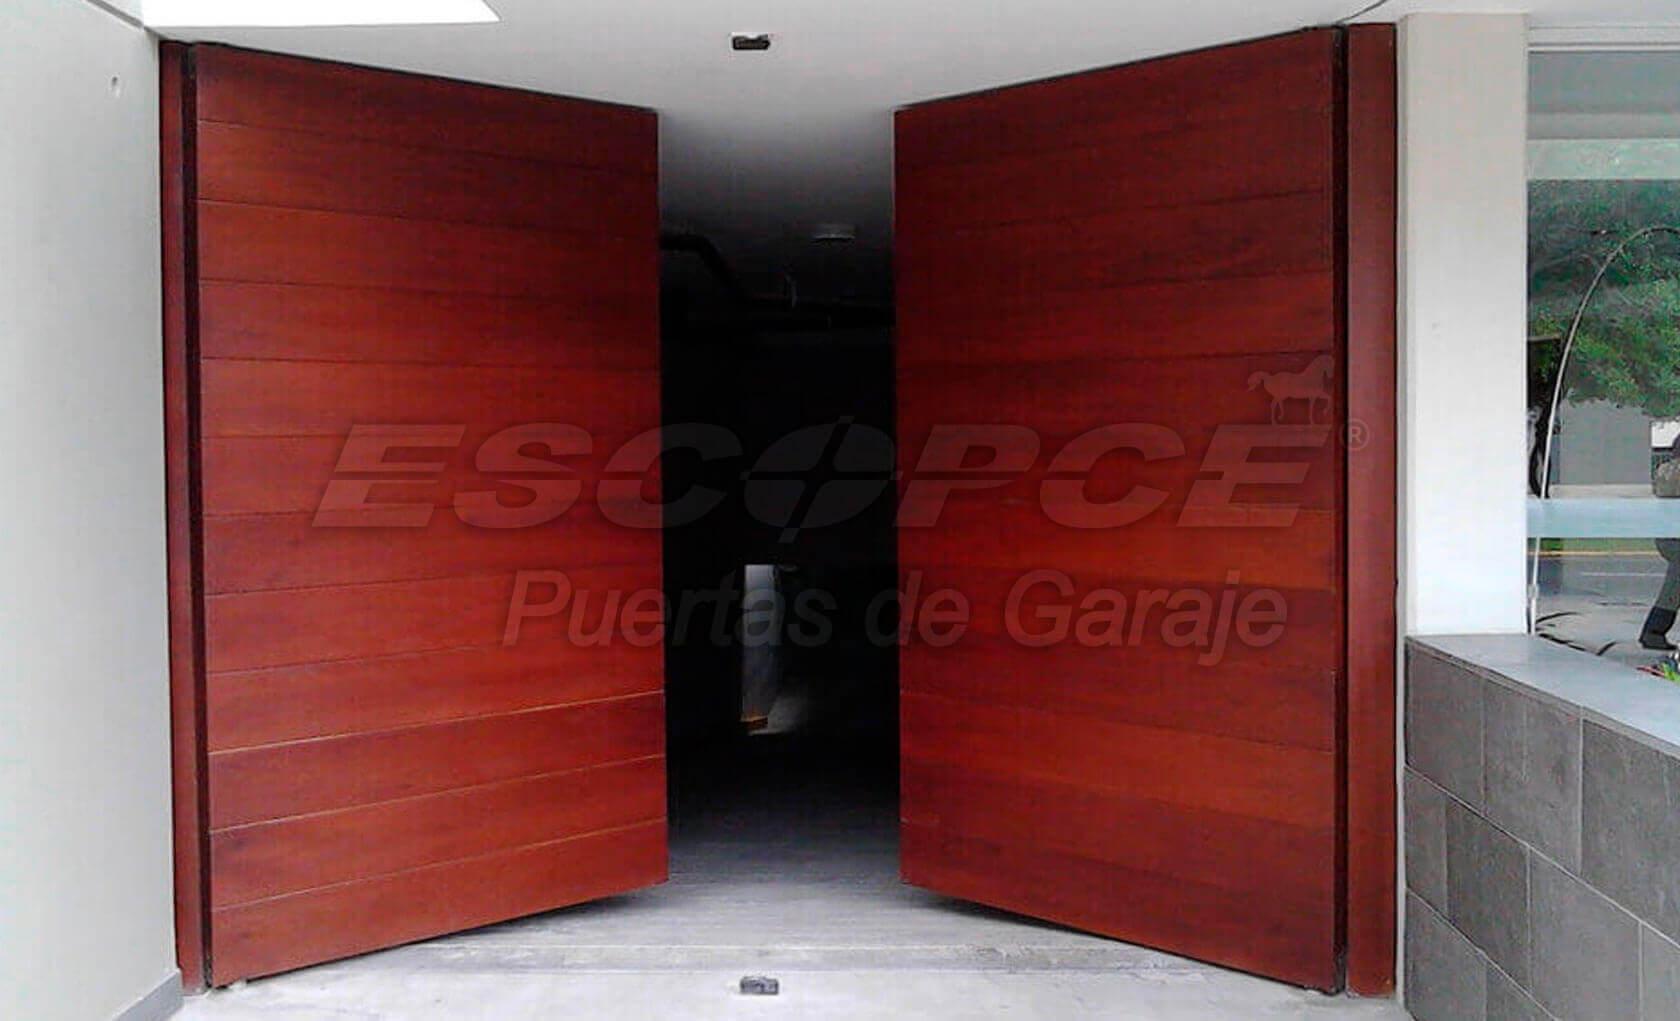 Puertas batientes puertas residenciales puertas - Puertas automaticas para cocheras ...